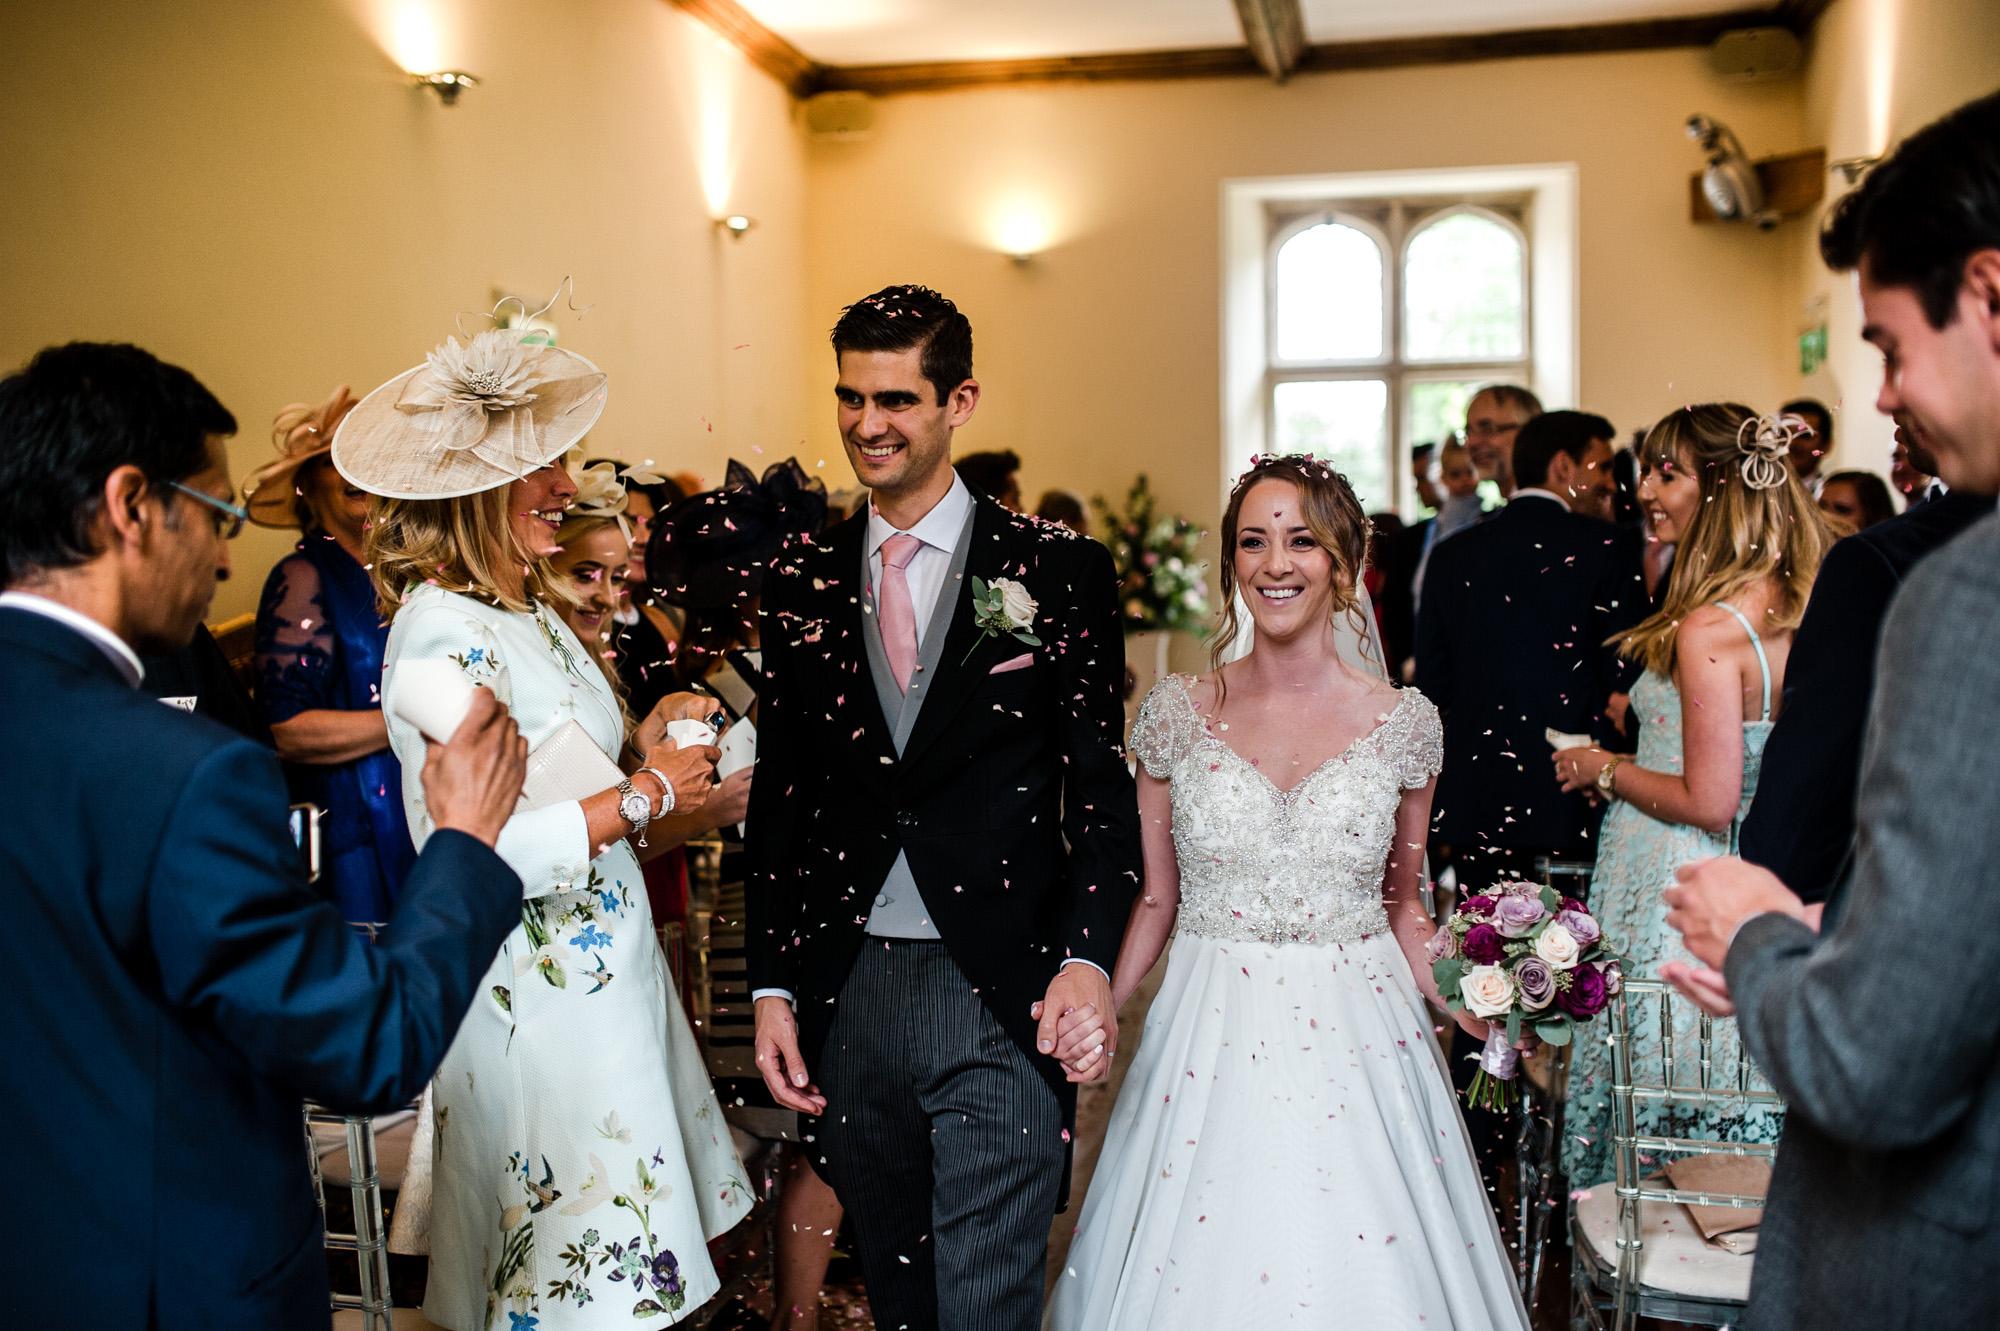 Notley Barn Wedding 26.10.18 14.jpg